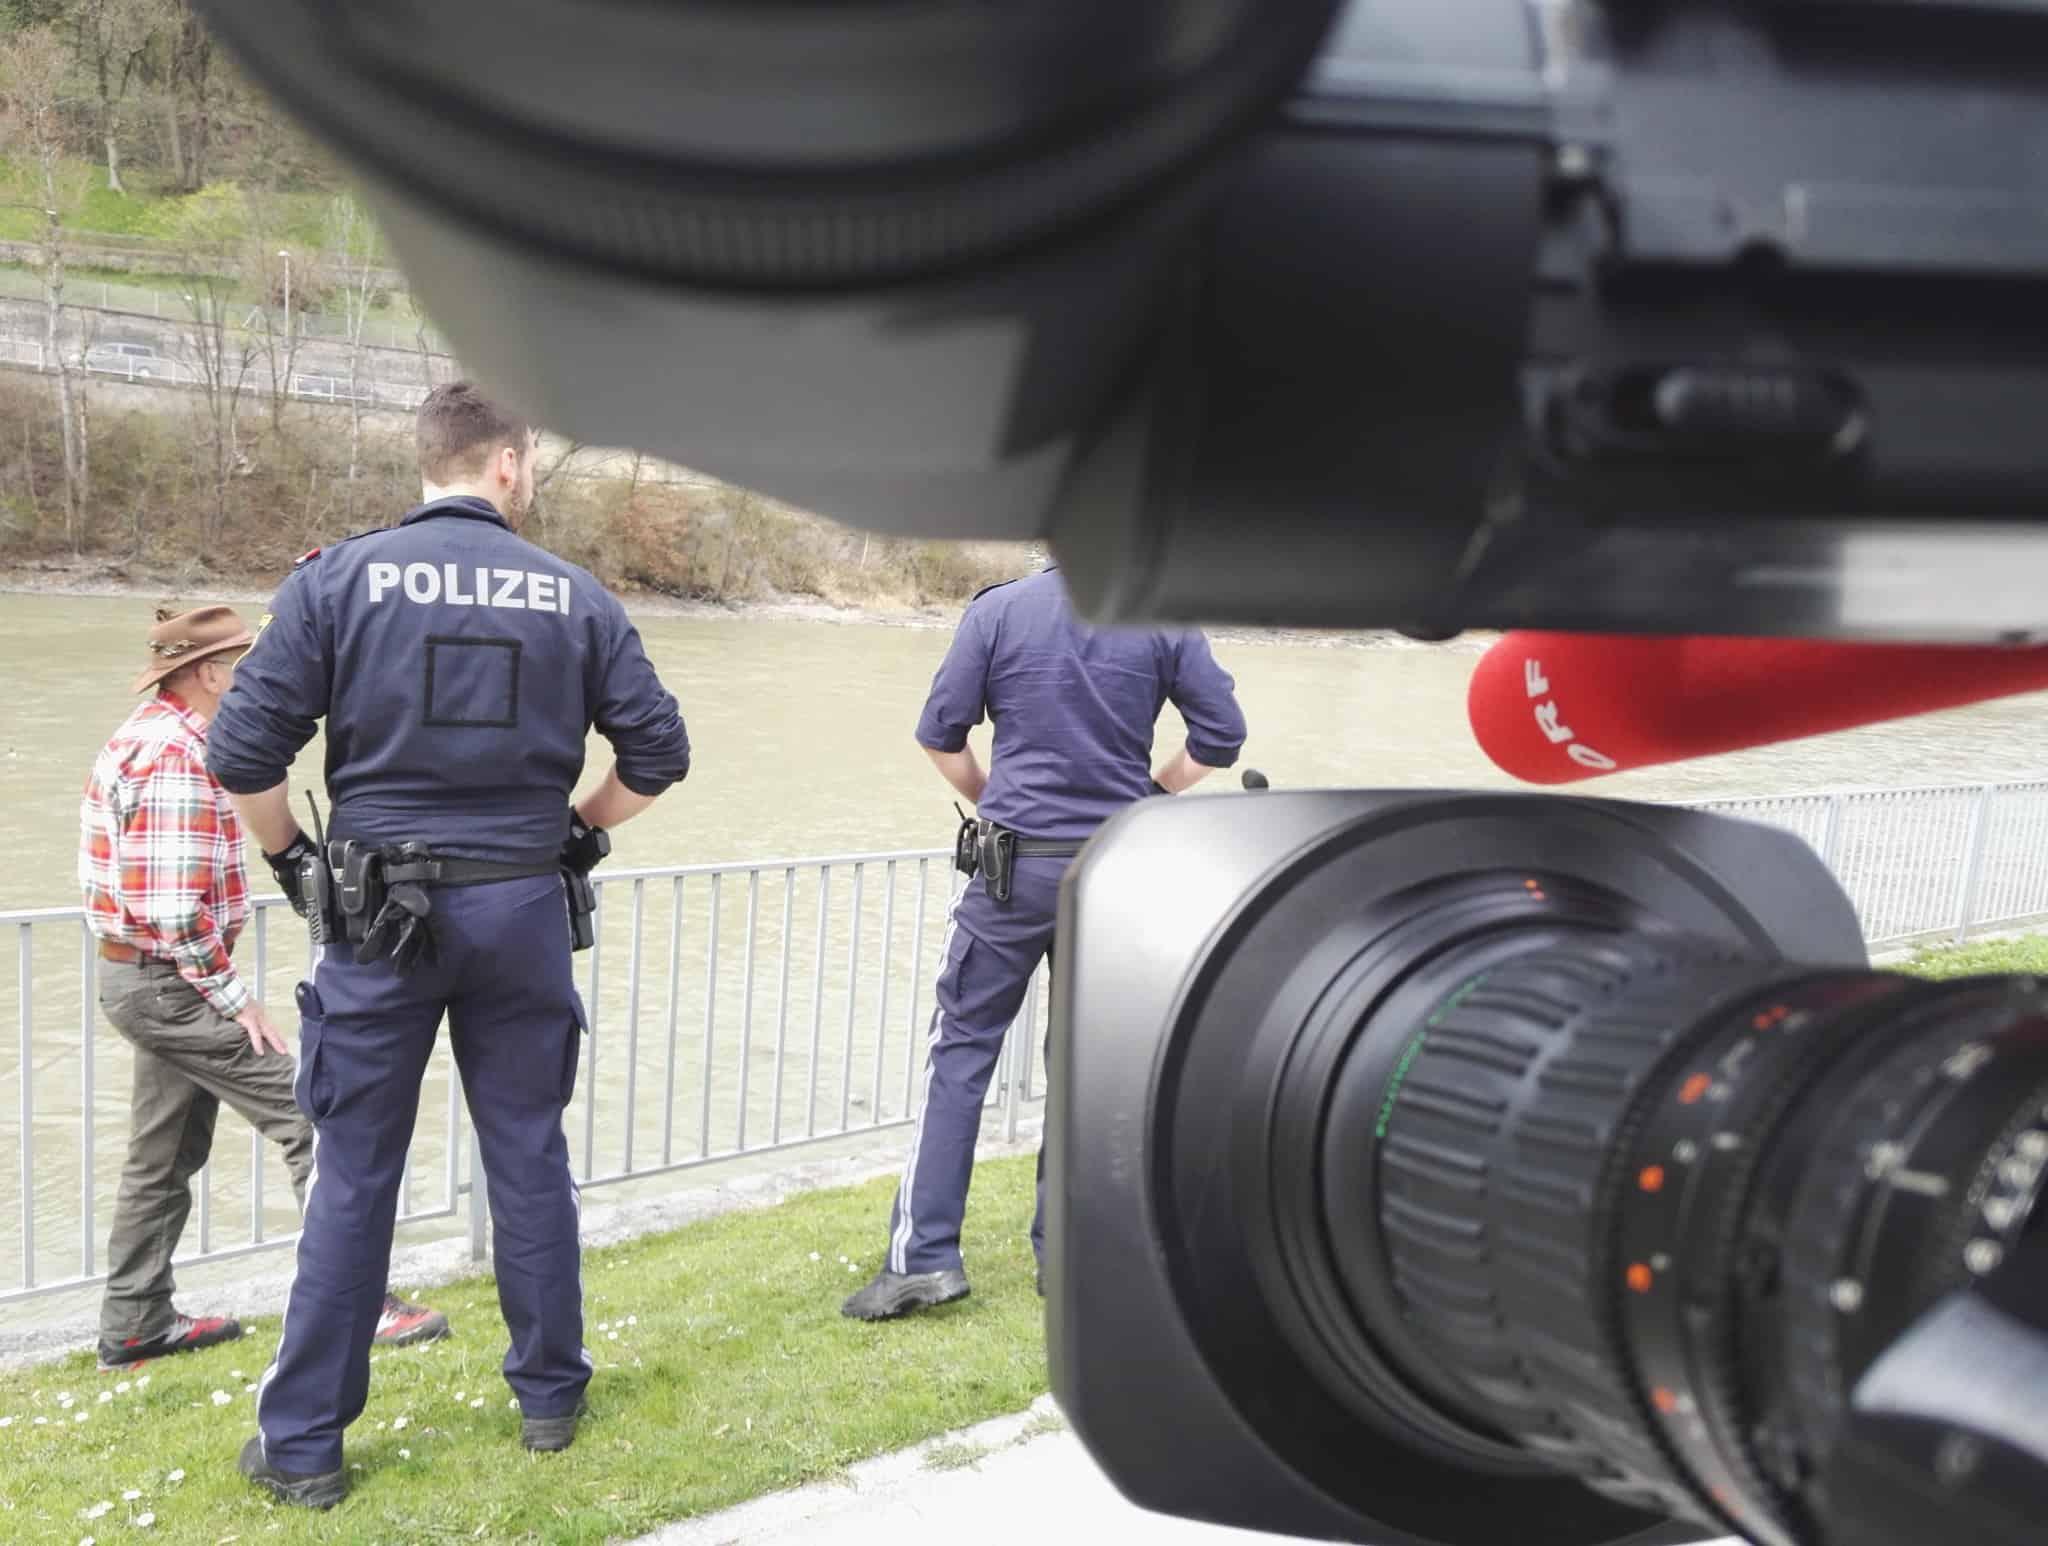 Polizeieinsatz vor laufender Kamera